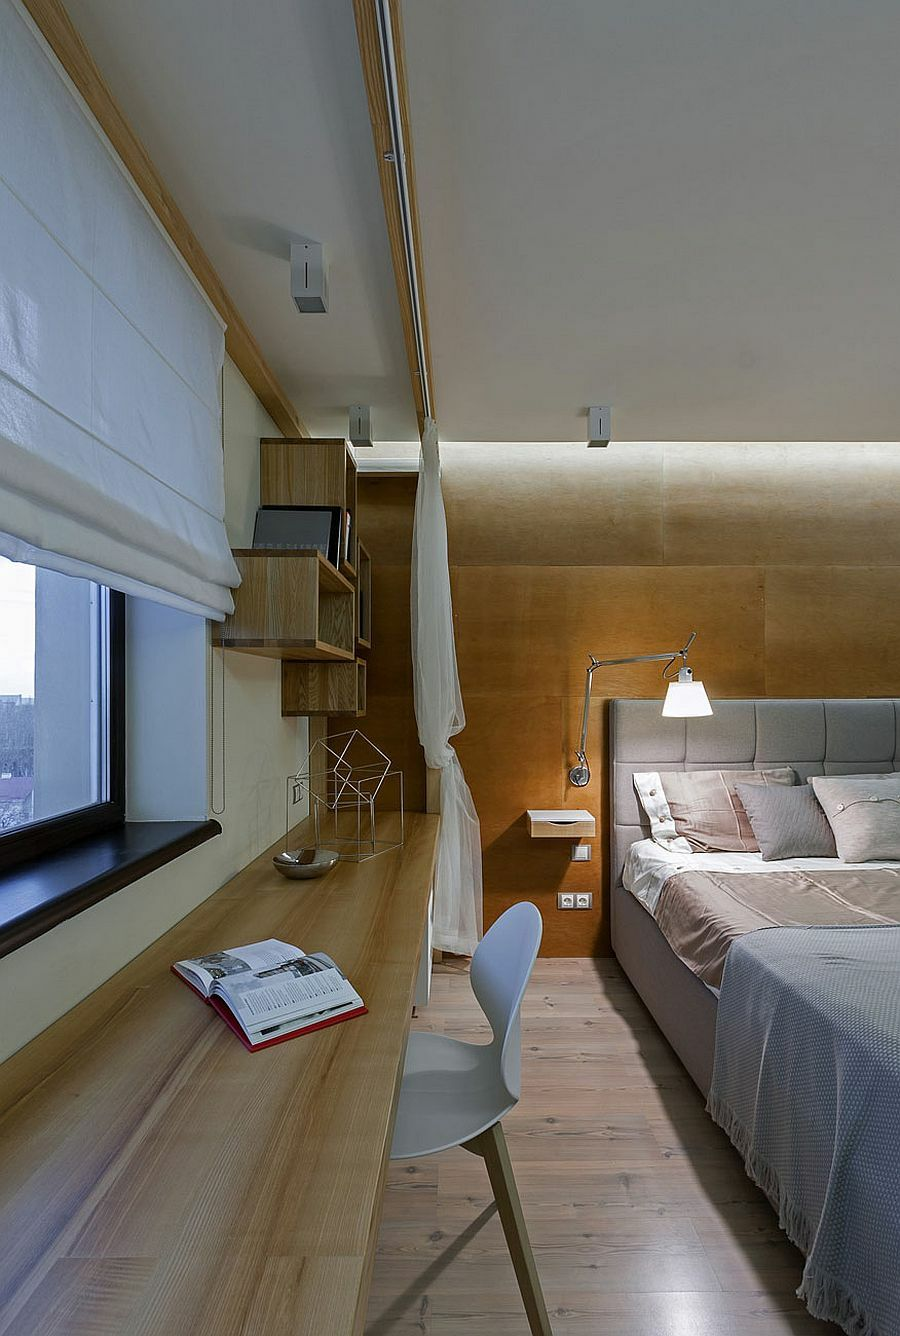 tolle innengestaltung ohne w nde eine zeitgen ssische wohnung in der ukraine. Black Bedroom Furniture Sets. Home Design Ideas